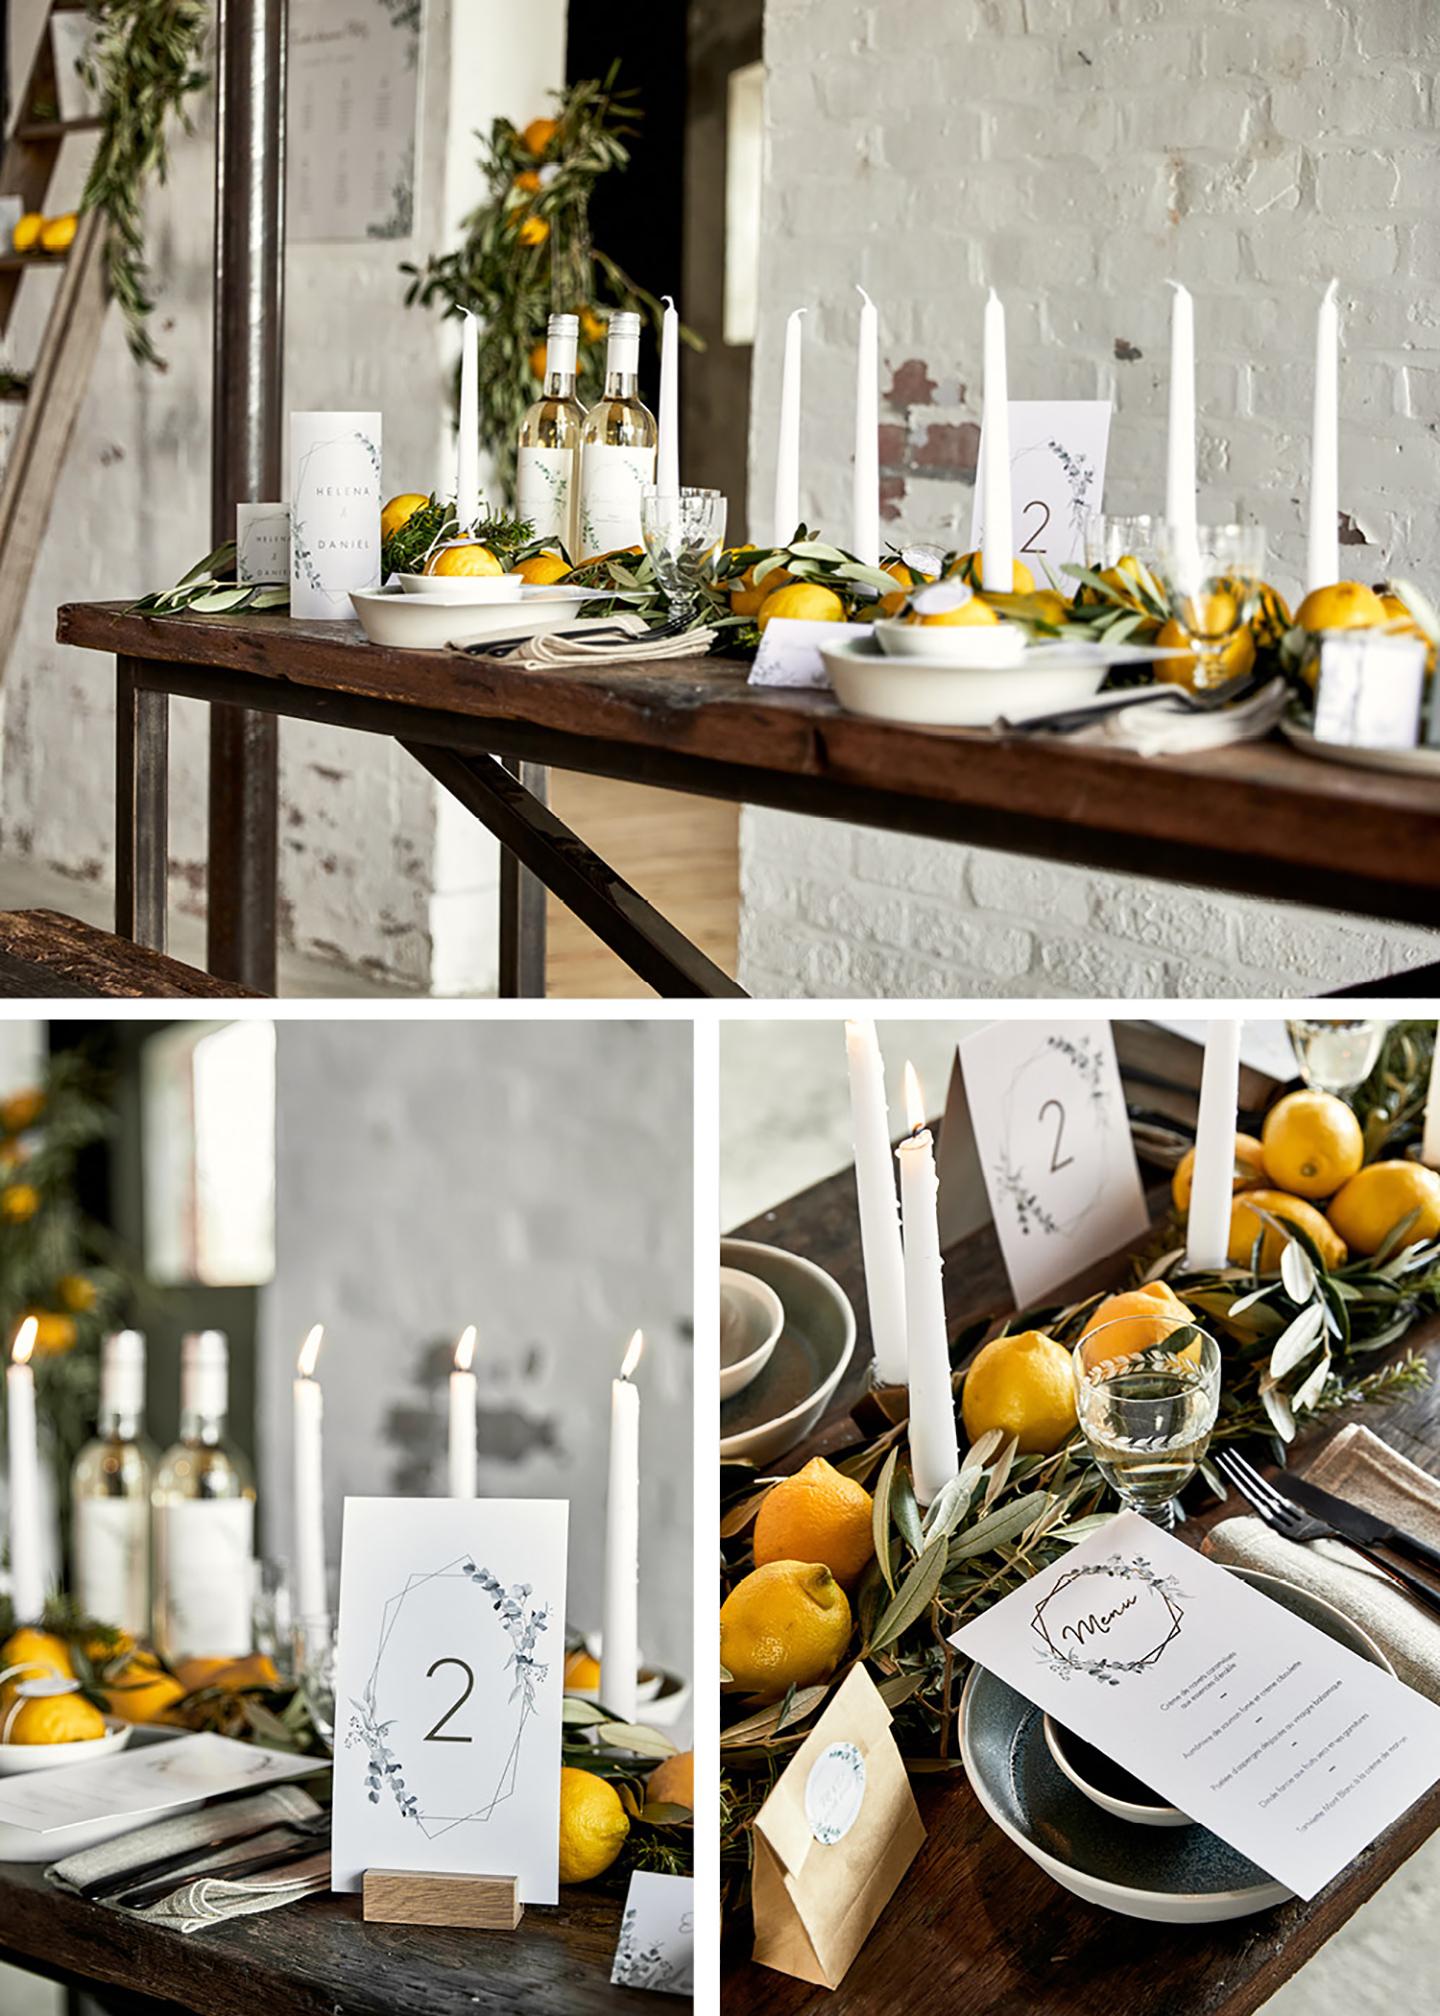 Zitronen auf dem Hochzeitstisch schmücken die gedeckte Hochzeitstafel im rustikalen Stil.